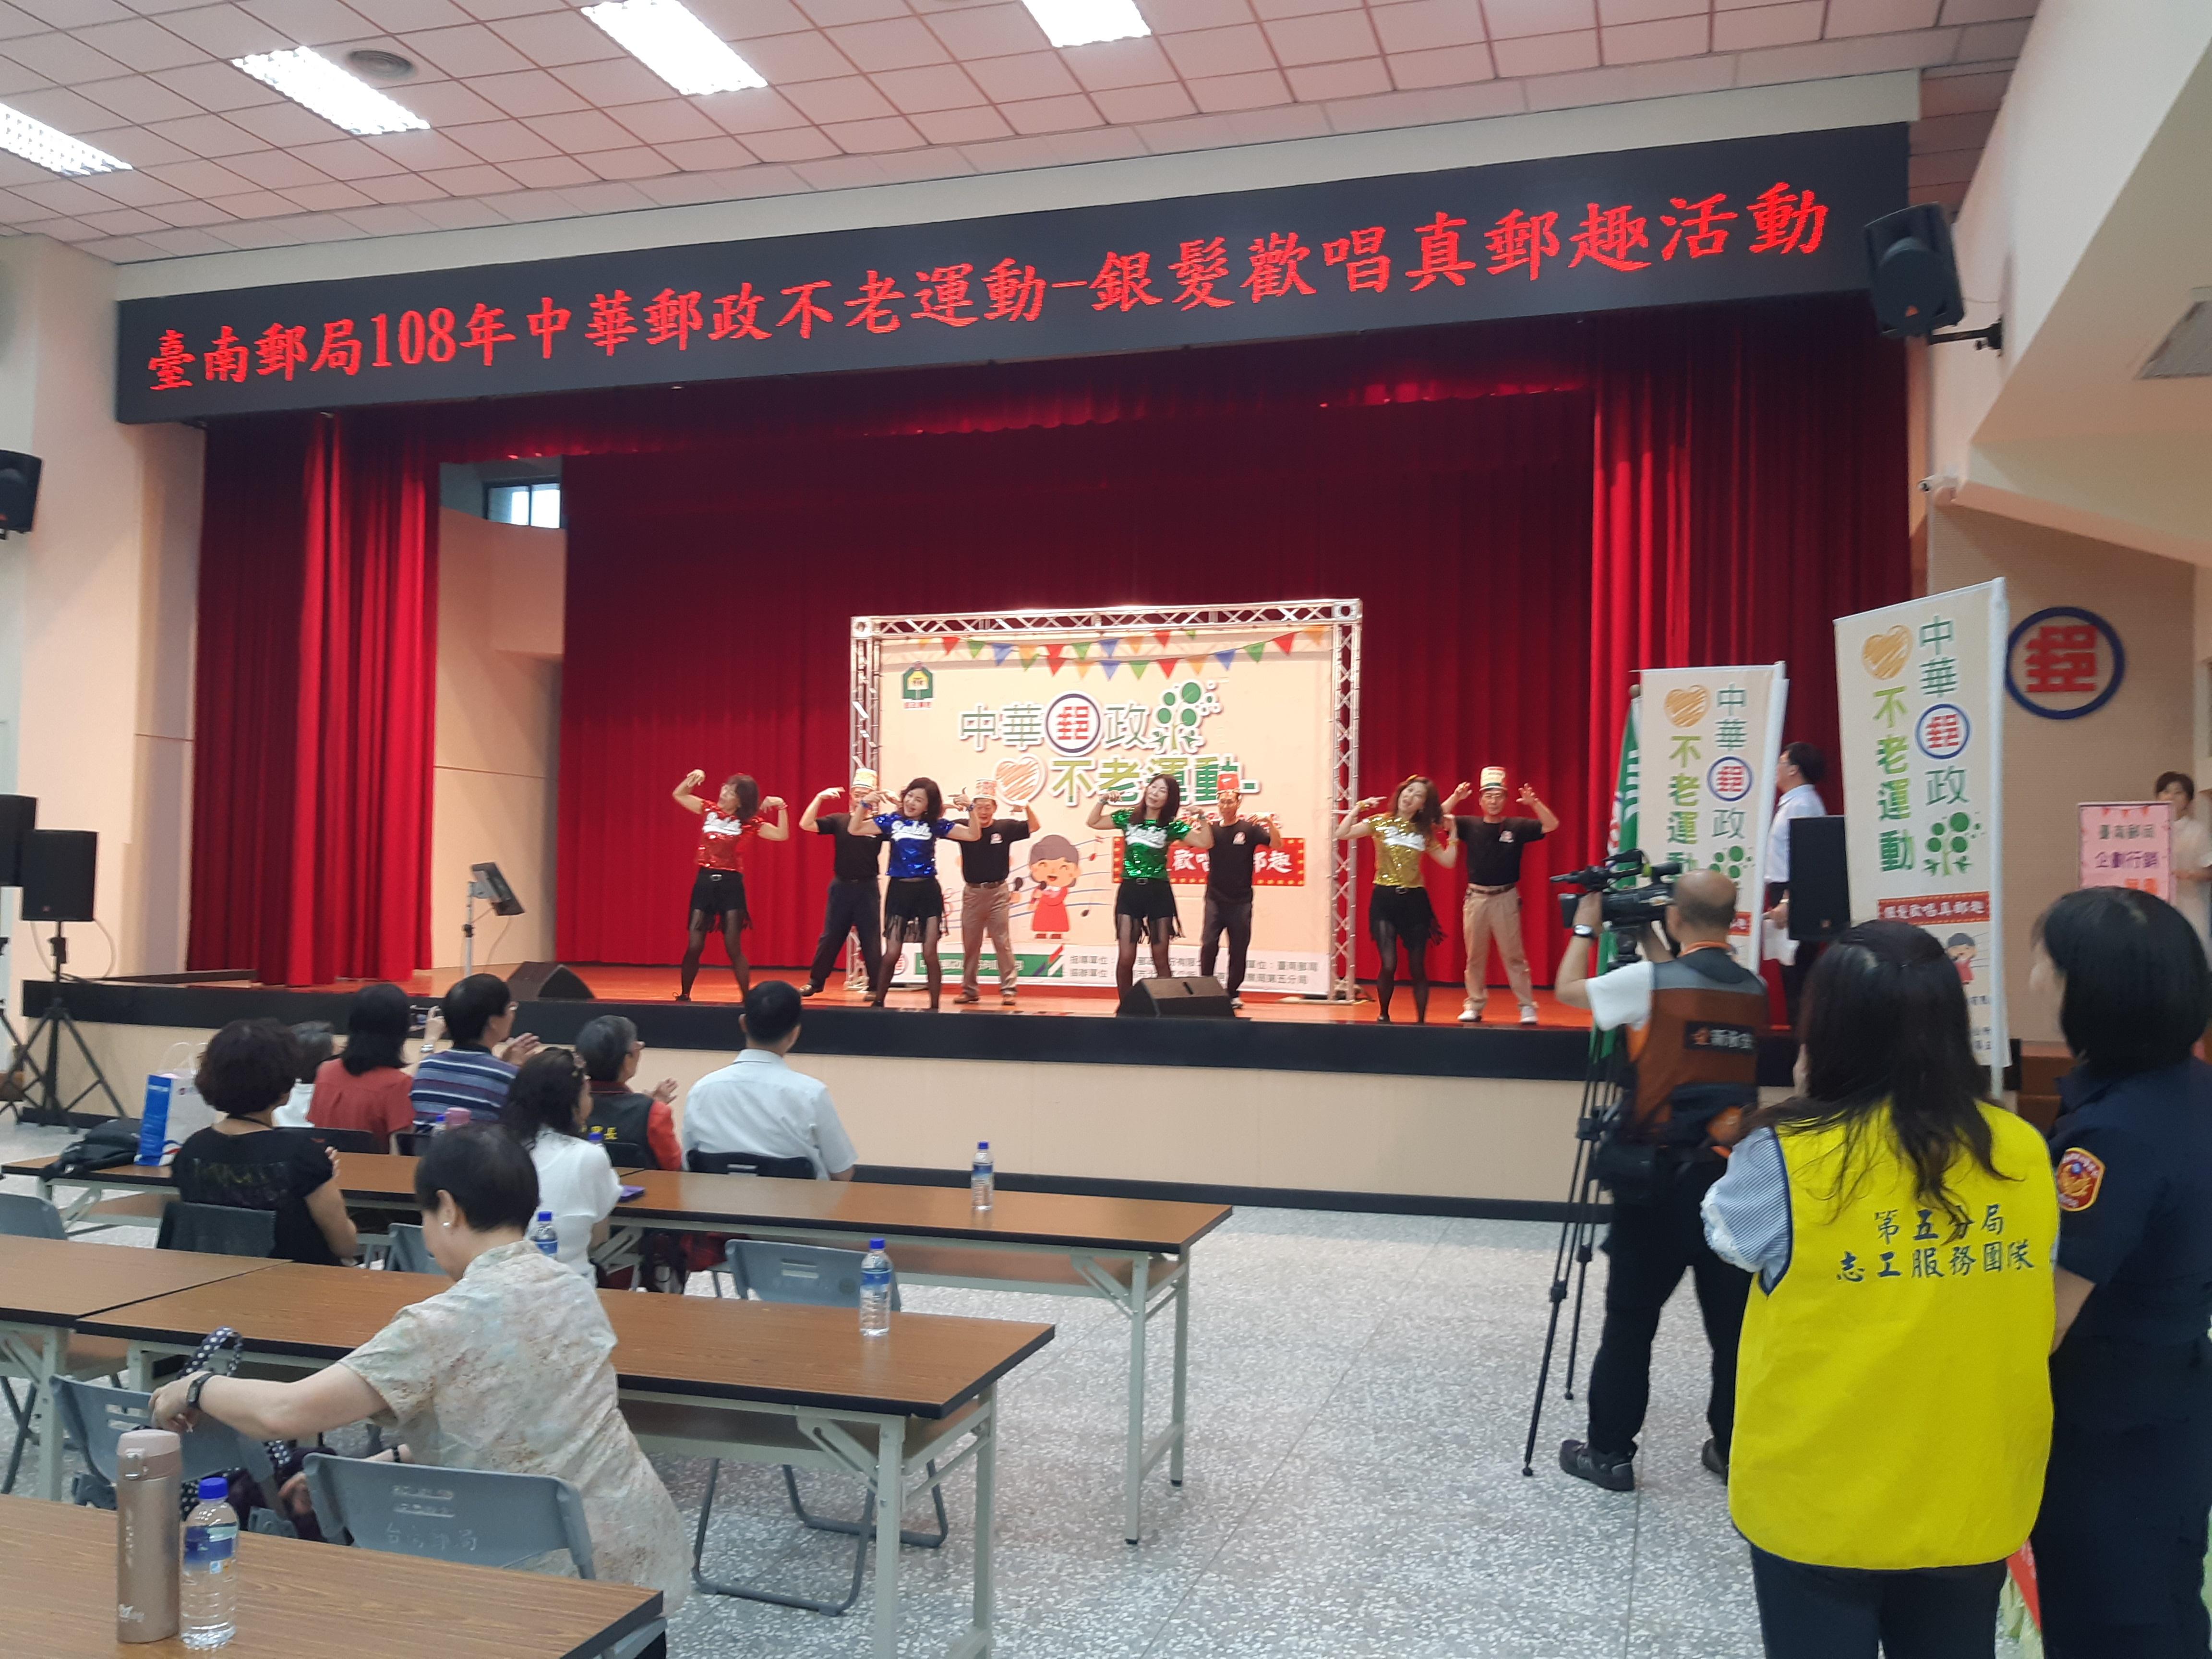 「中華郵政不老運動─銀髮歡唱真郵趣」活動